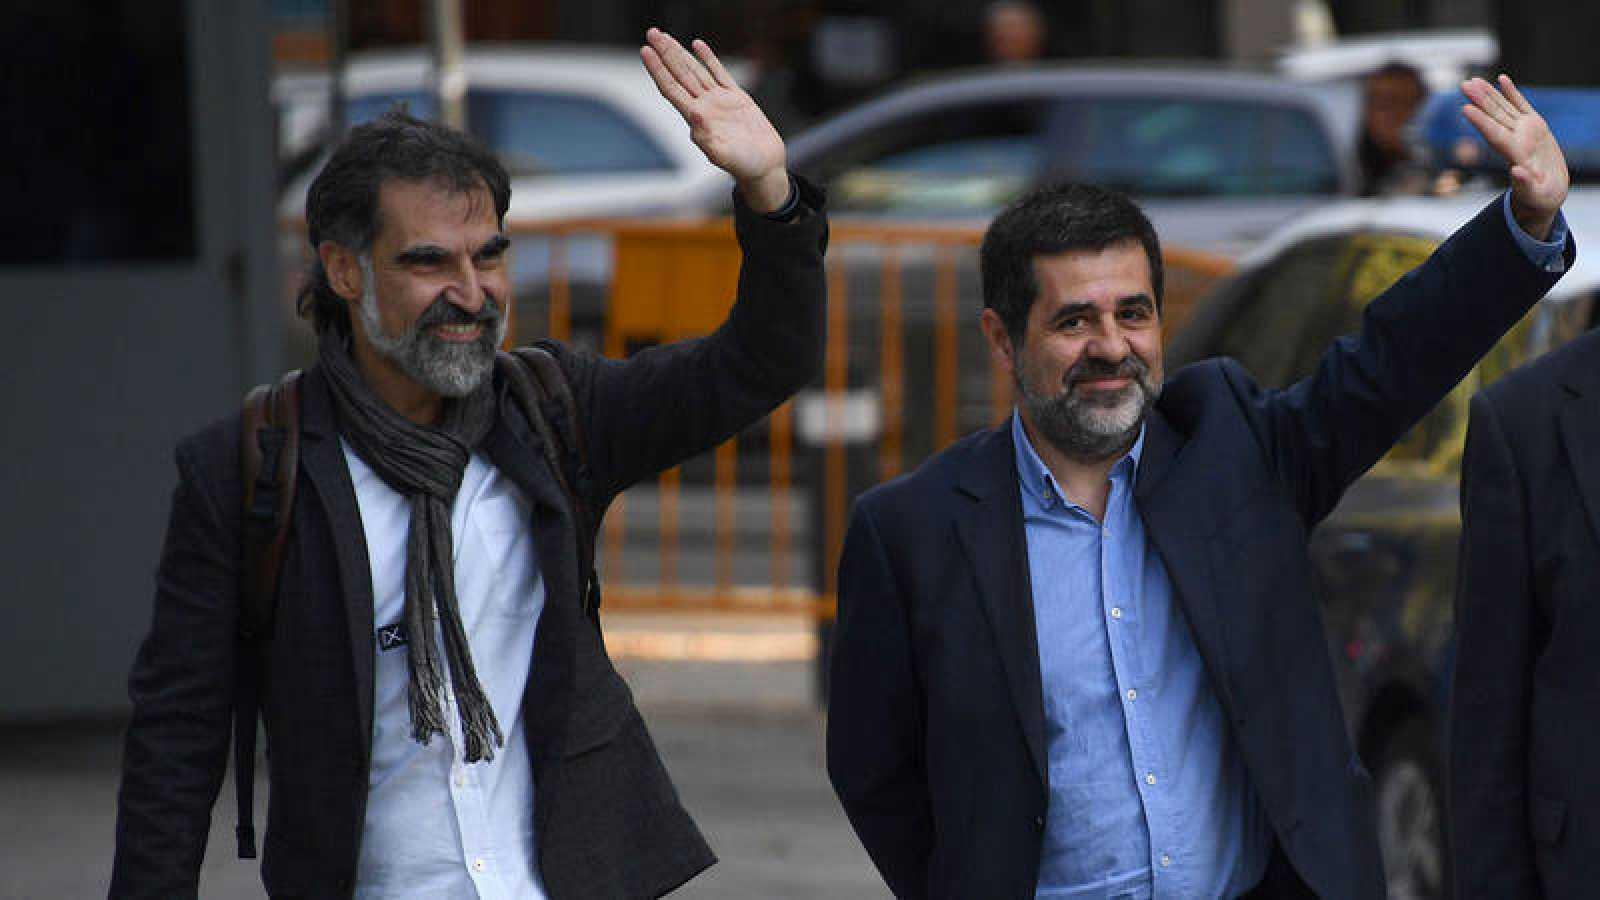 Jordi Sánchez y Jordi Cuixart podrán salir de prisión durante el día para trabajar